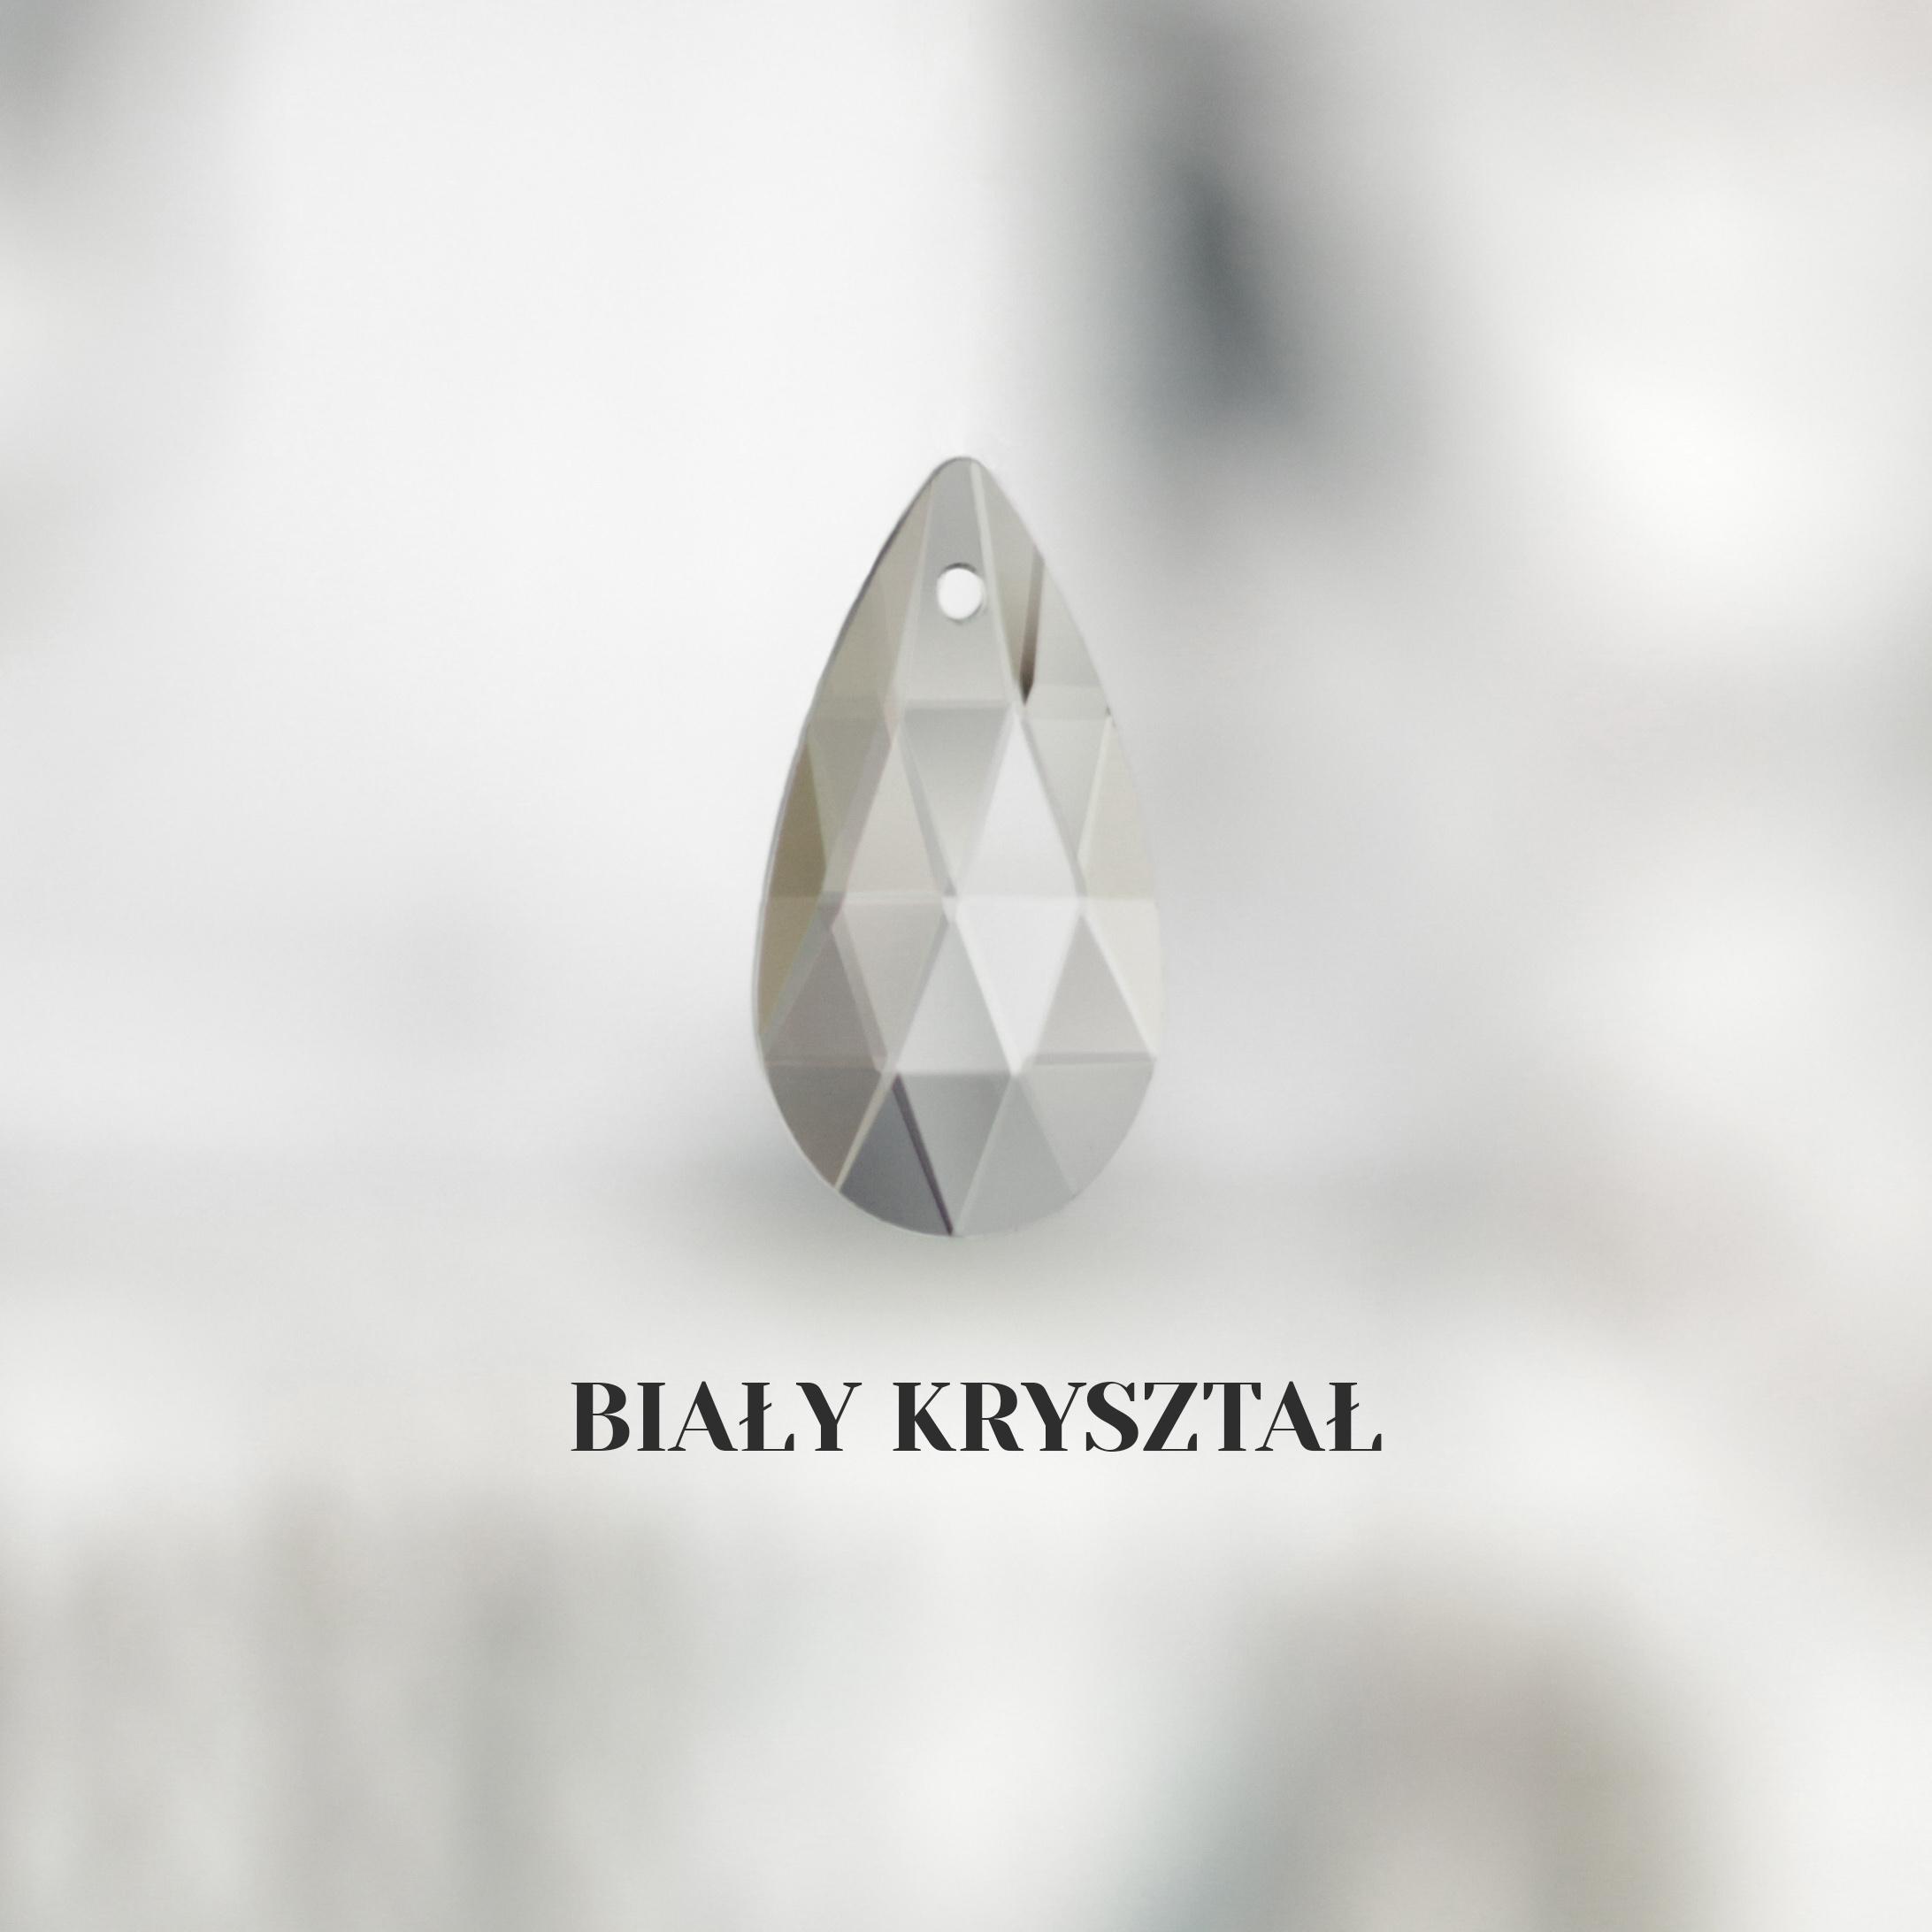 Biały kryształ